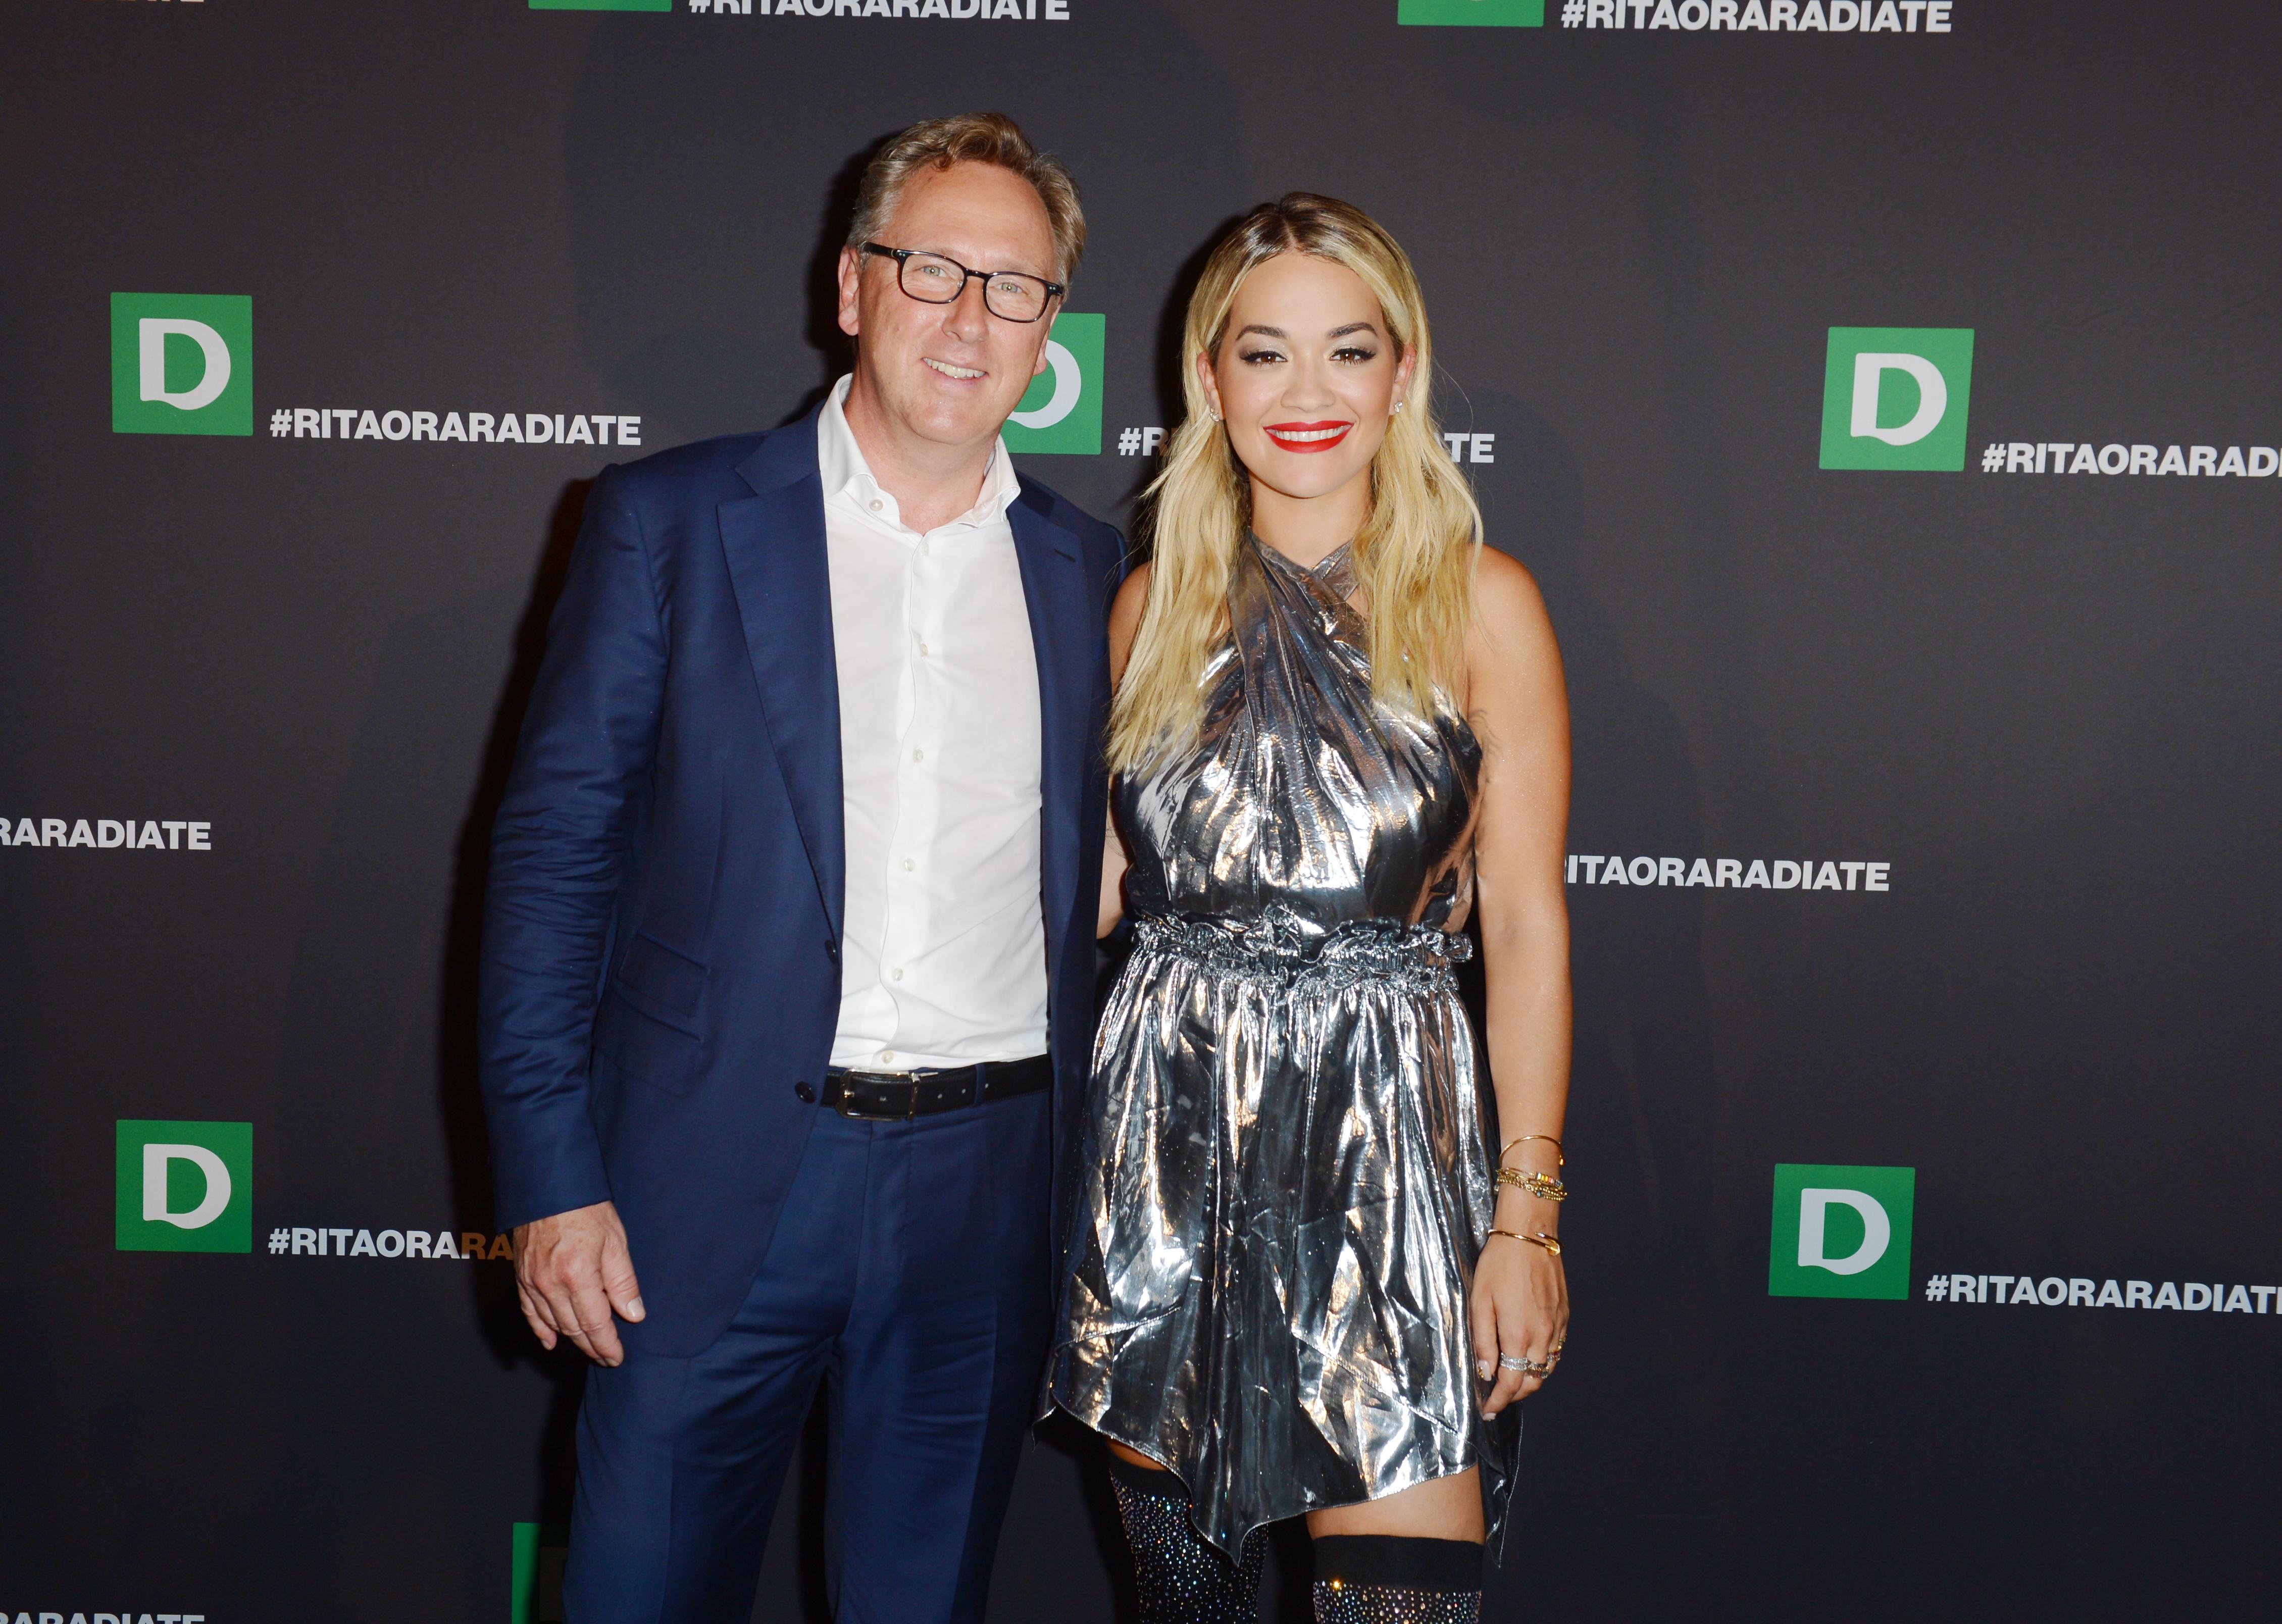 Firmenchef Heinrich Deichmann stellte zusammen mit Rita Ora in Berlin die neue Kollektion vor